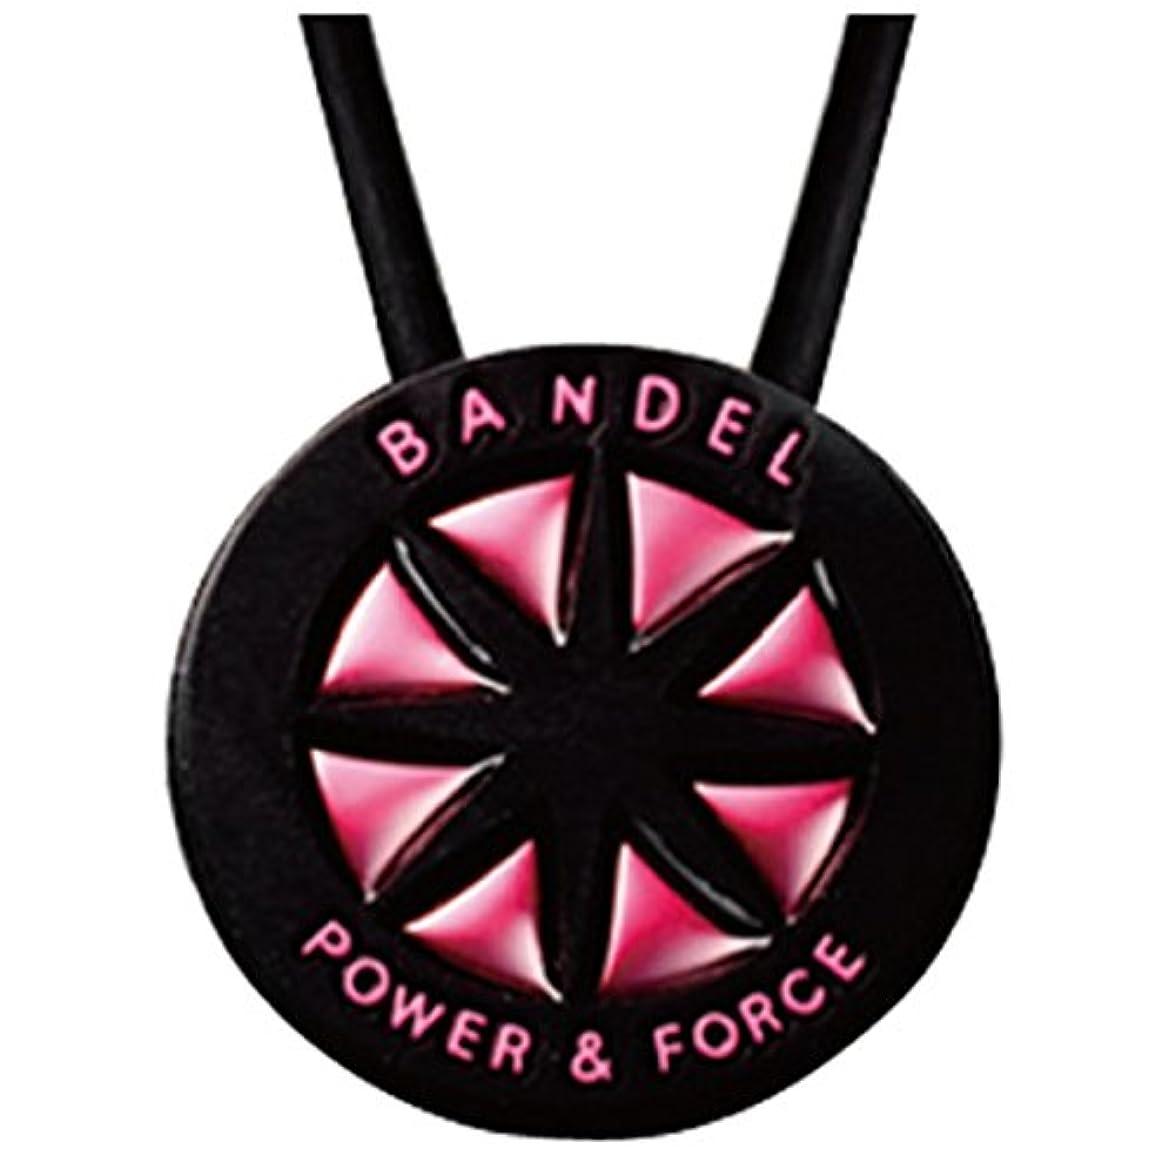 またねおびえたコインバンデル(BANDEL)ネックレス[ブラック×ピンク]レギュラータイプ(45cm)/正規品 シリコン製 アクセサリー スポーツ ゴルフ